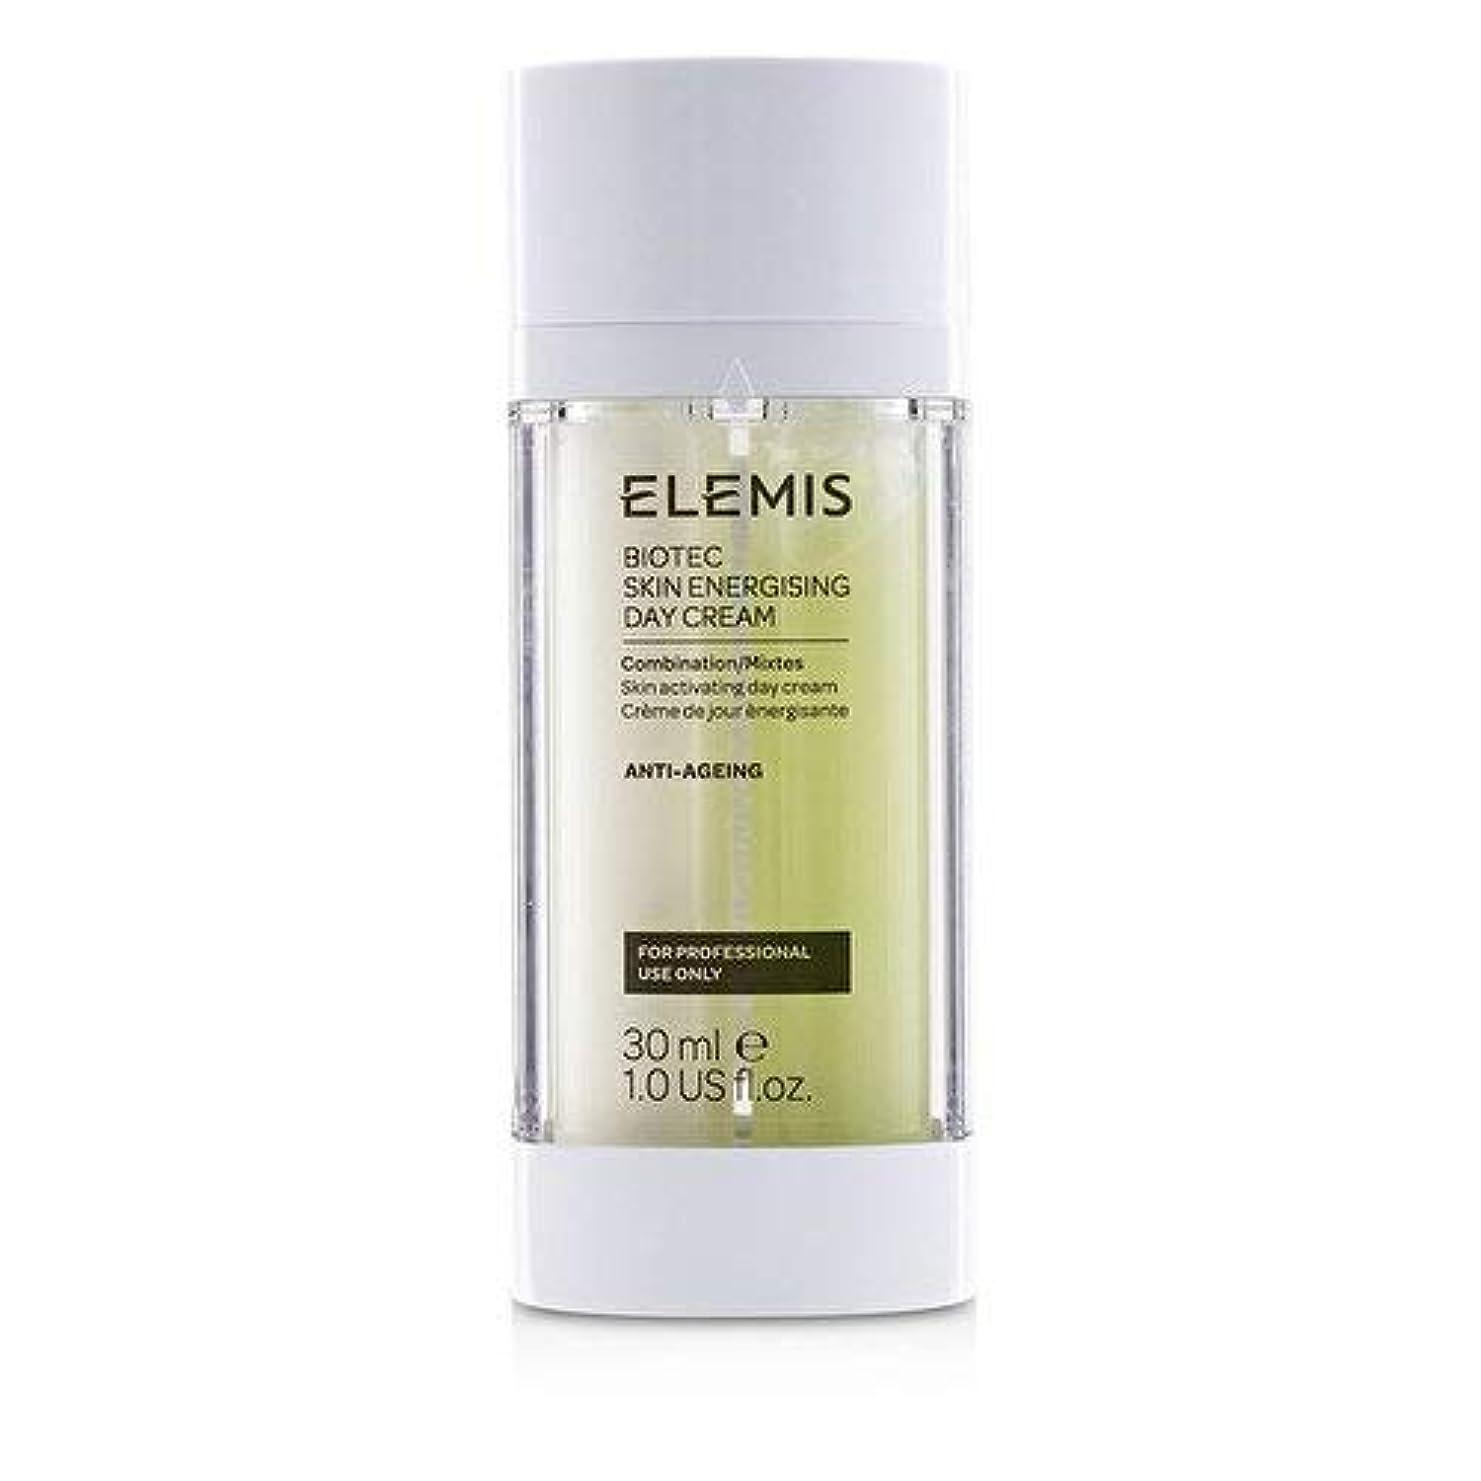 海外で触手彼らのエレミス BIOTEC Skin Energising Day Cream - Combination (Salon Product) 30ml/1oz並行輸入品